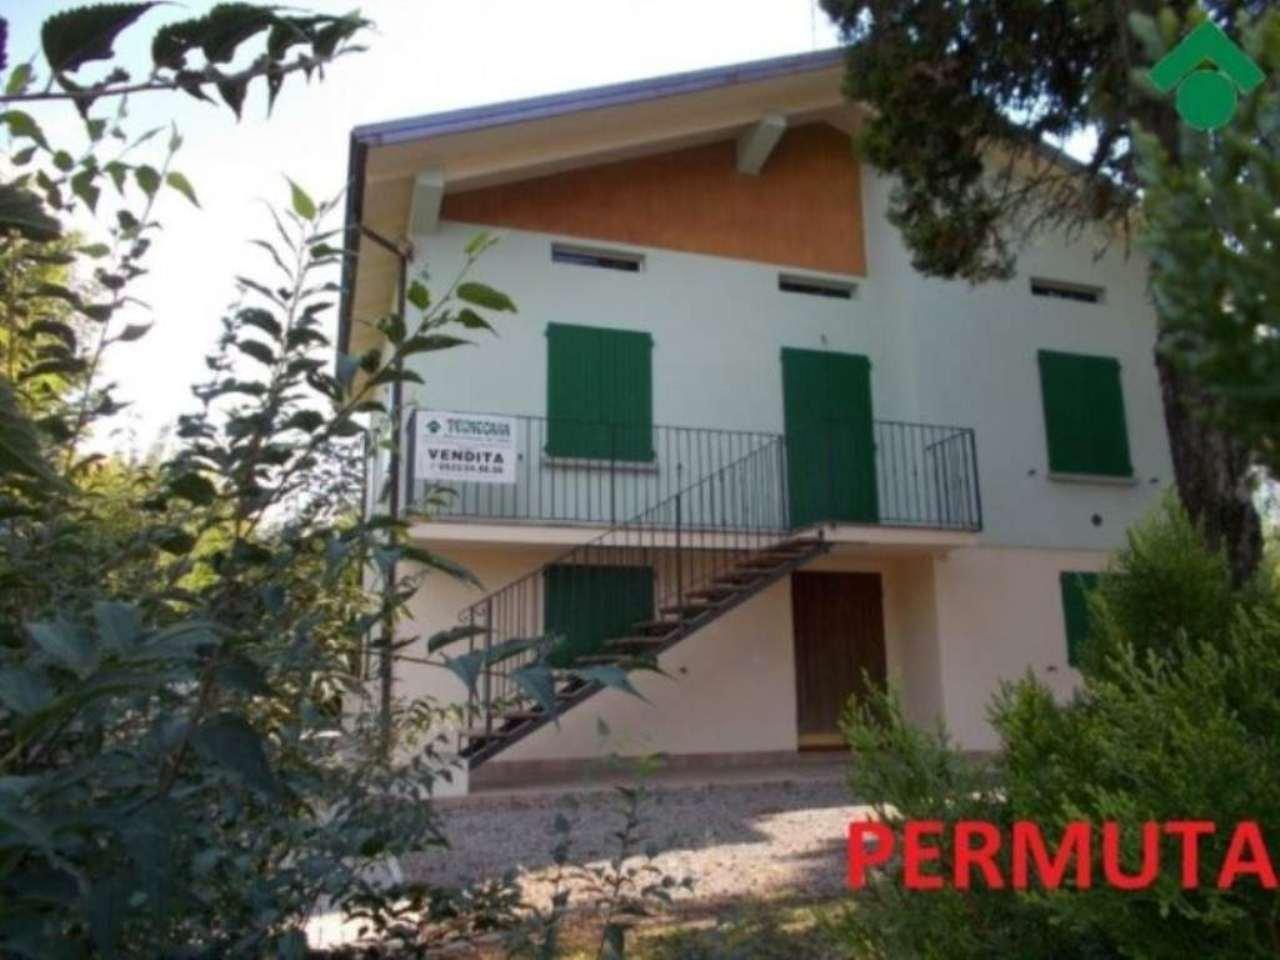 Villa in vendita a Quattro Castella, 6 locali, prezzo € 250.000 | Cambio Casa.it